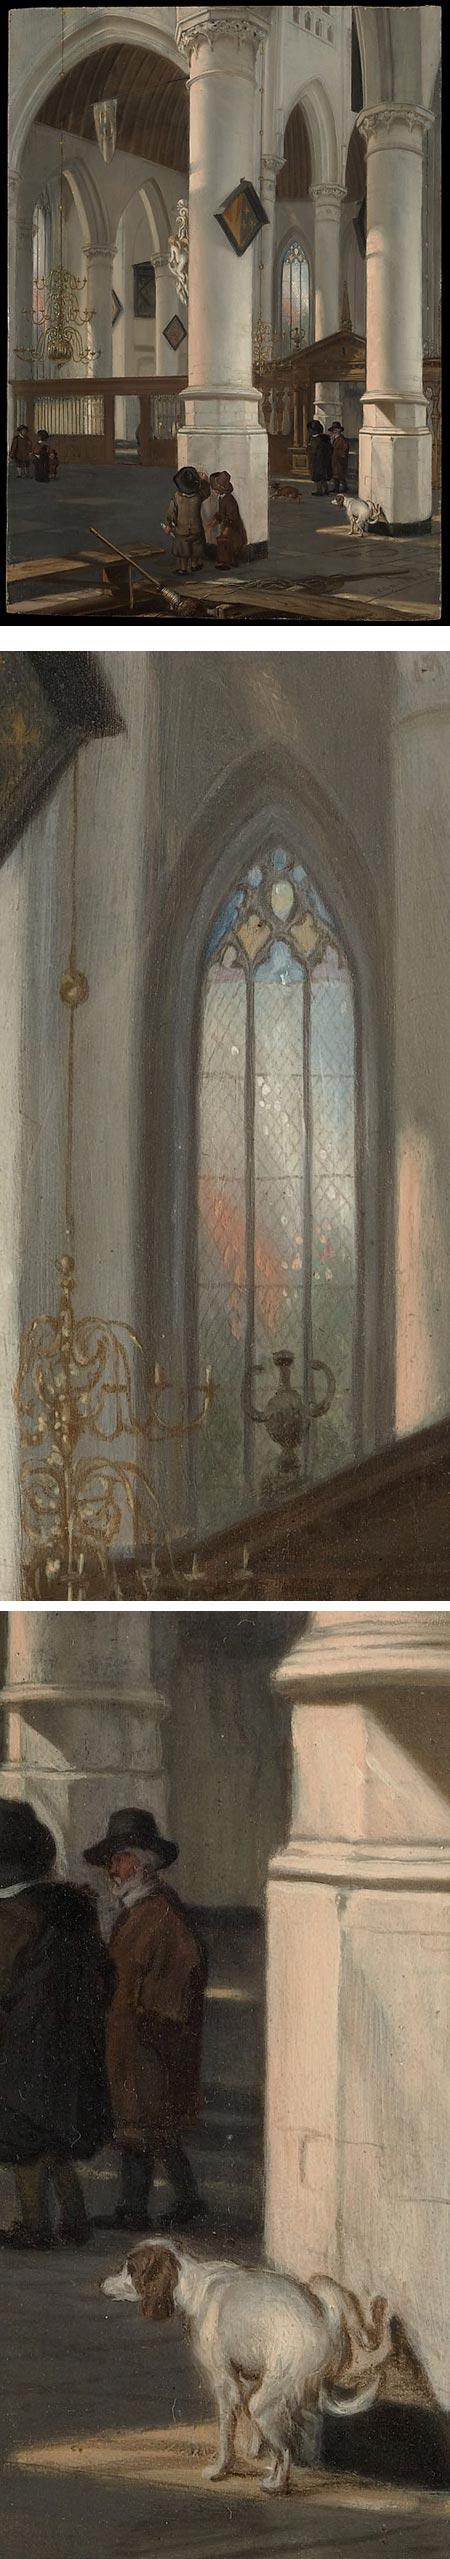 nterior of the Oude Kerk, Delft, Emanuel de Witte